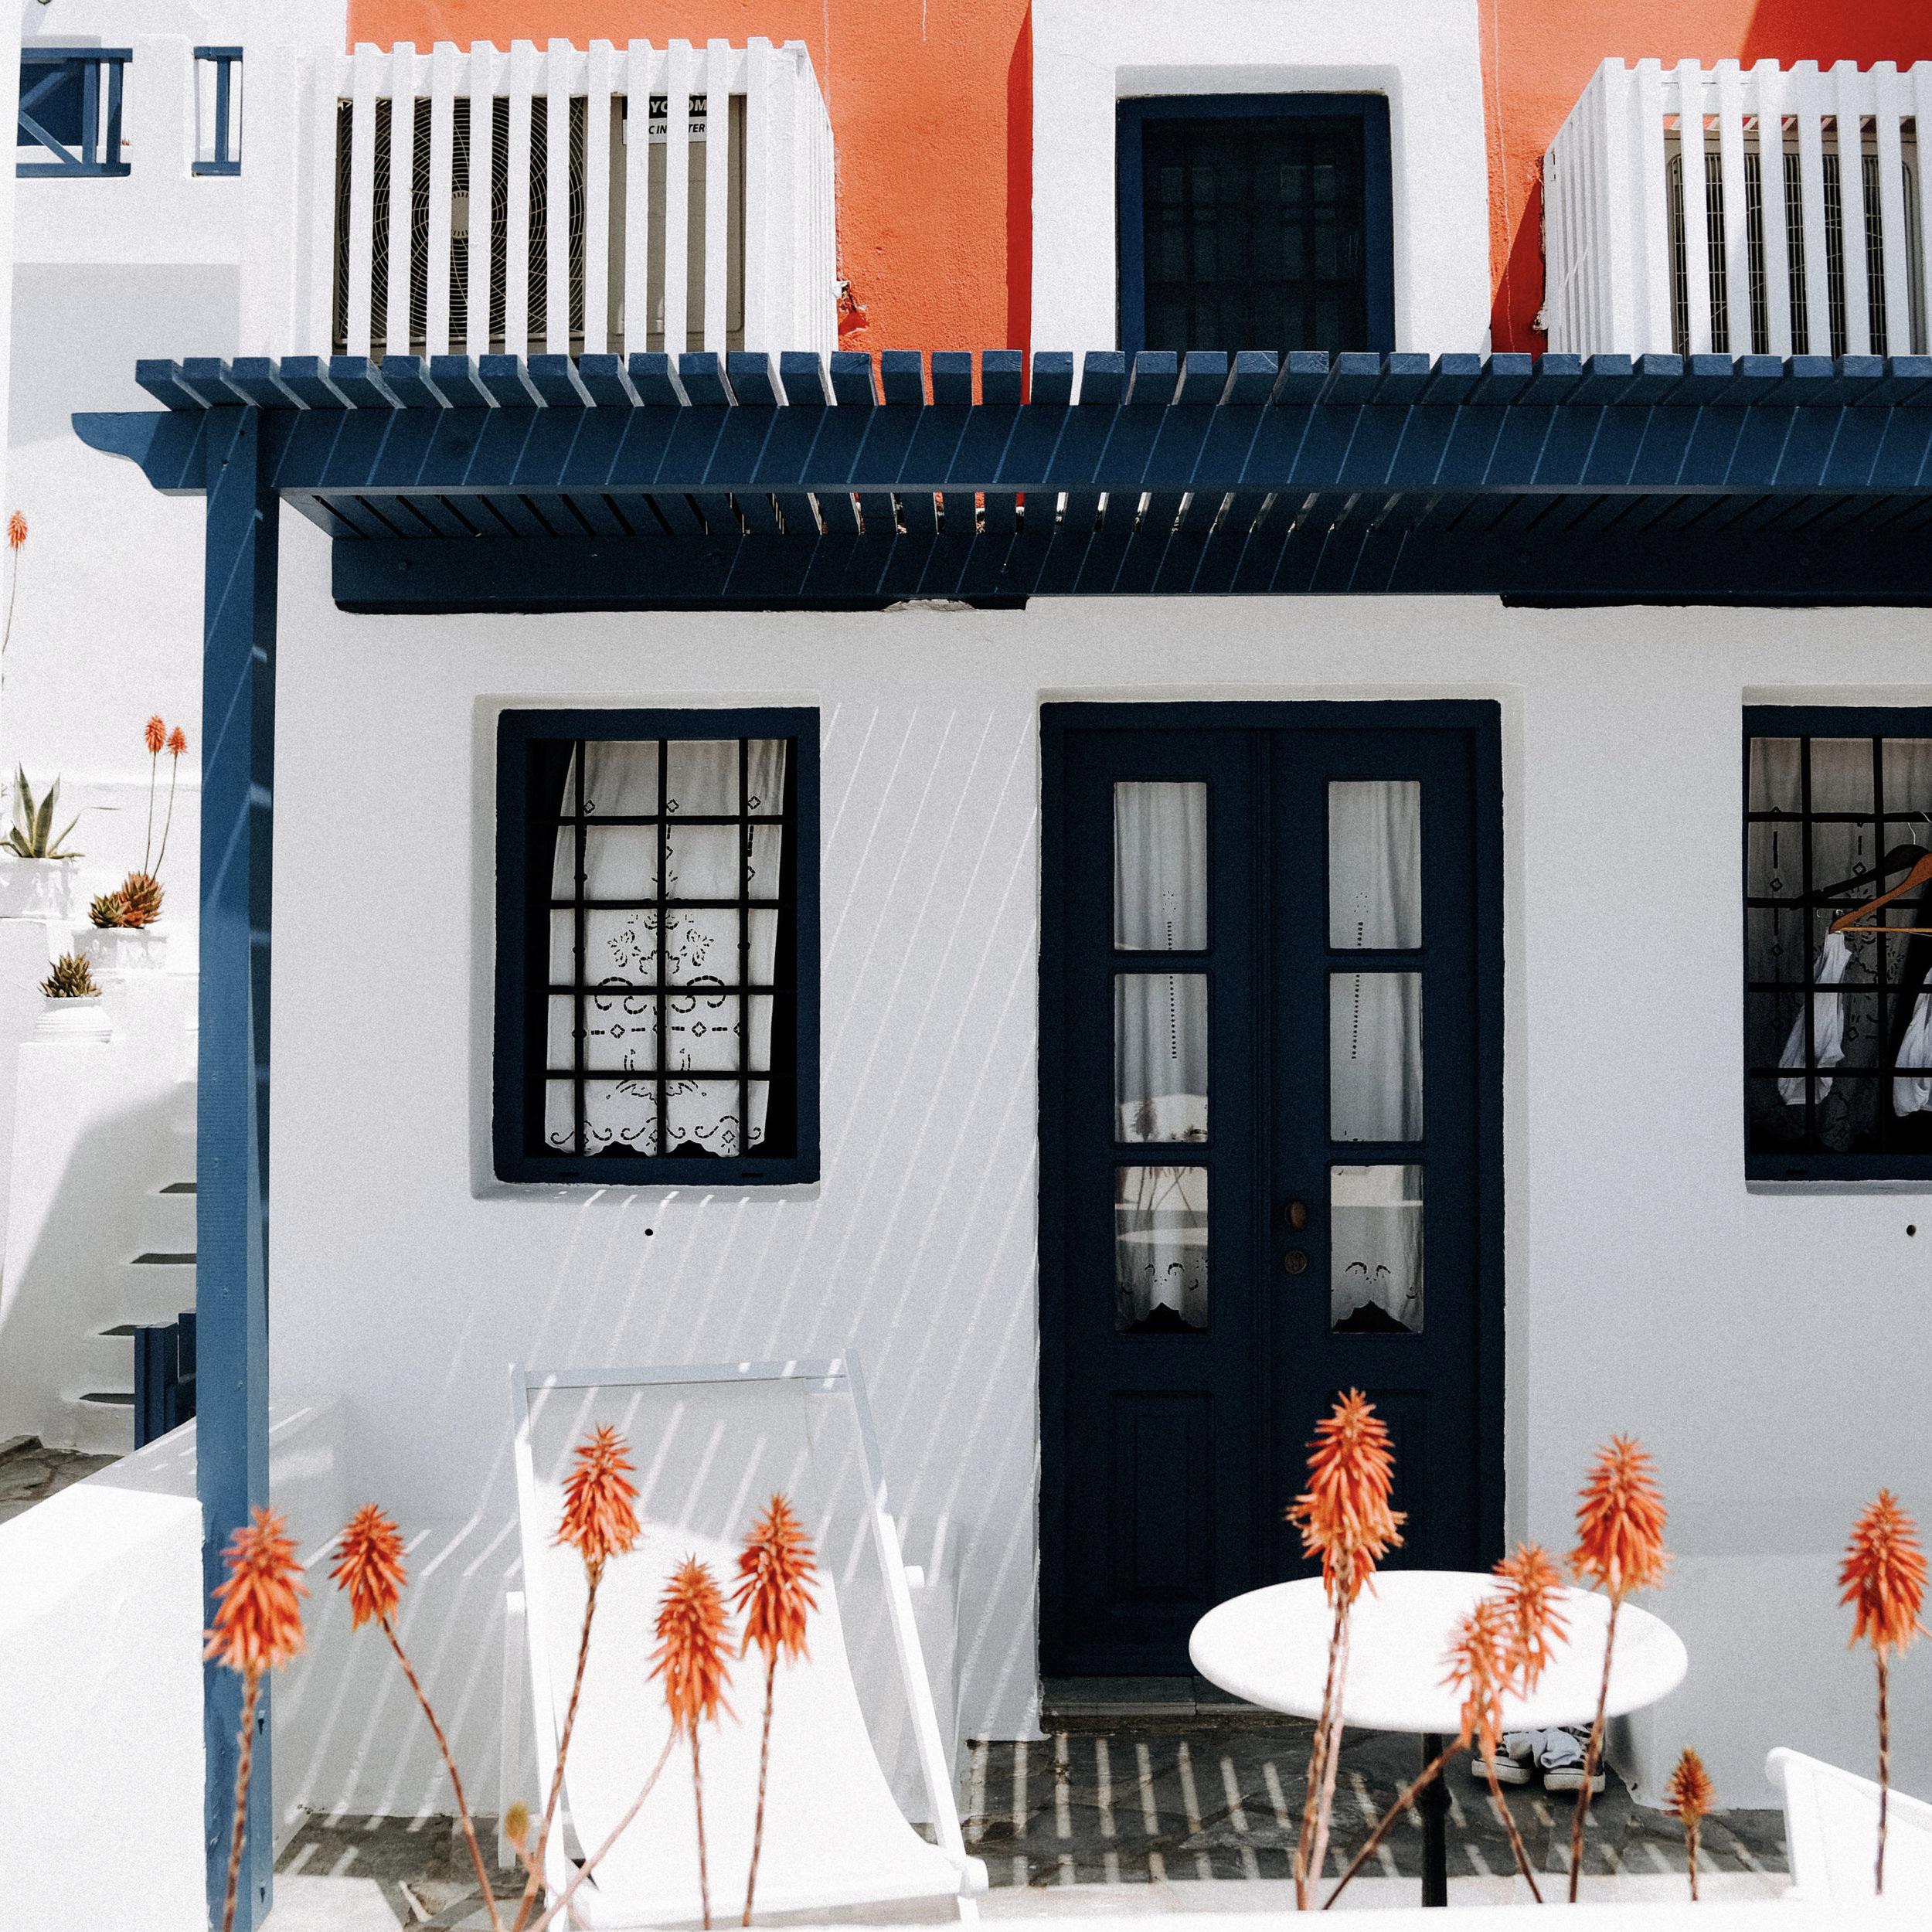 180530-SantoriniVilla.jpg